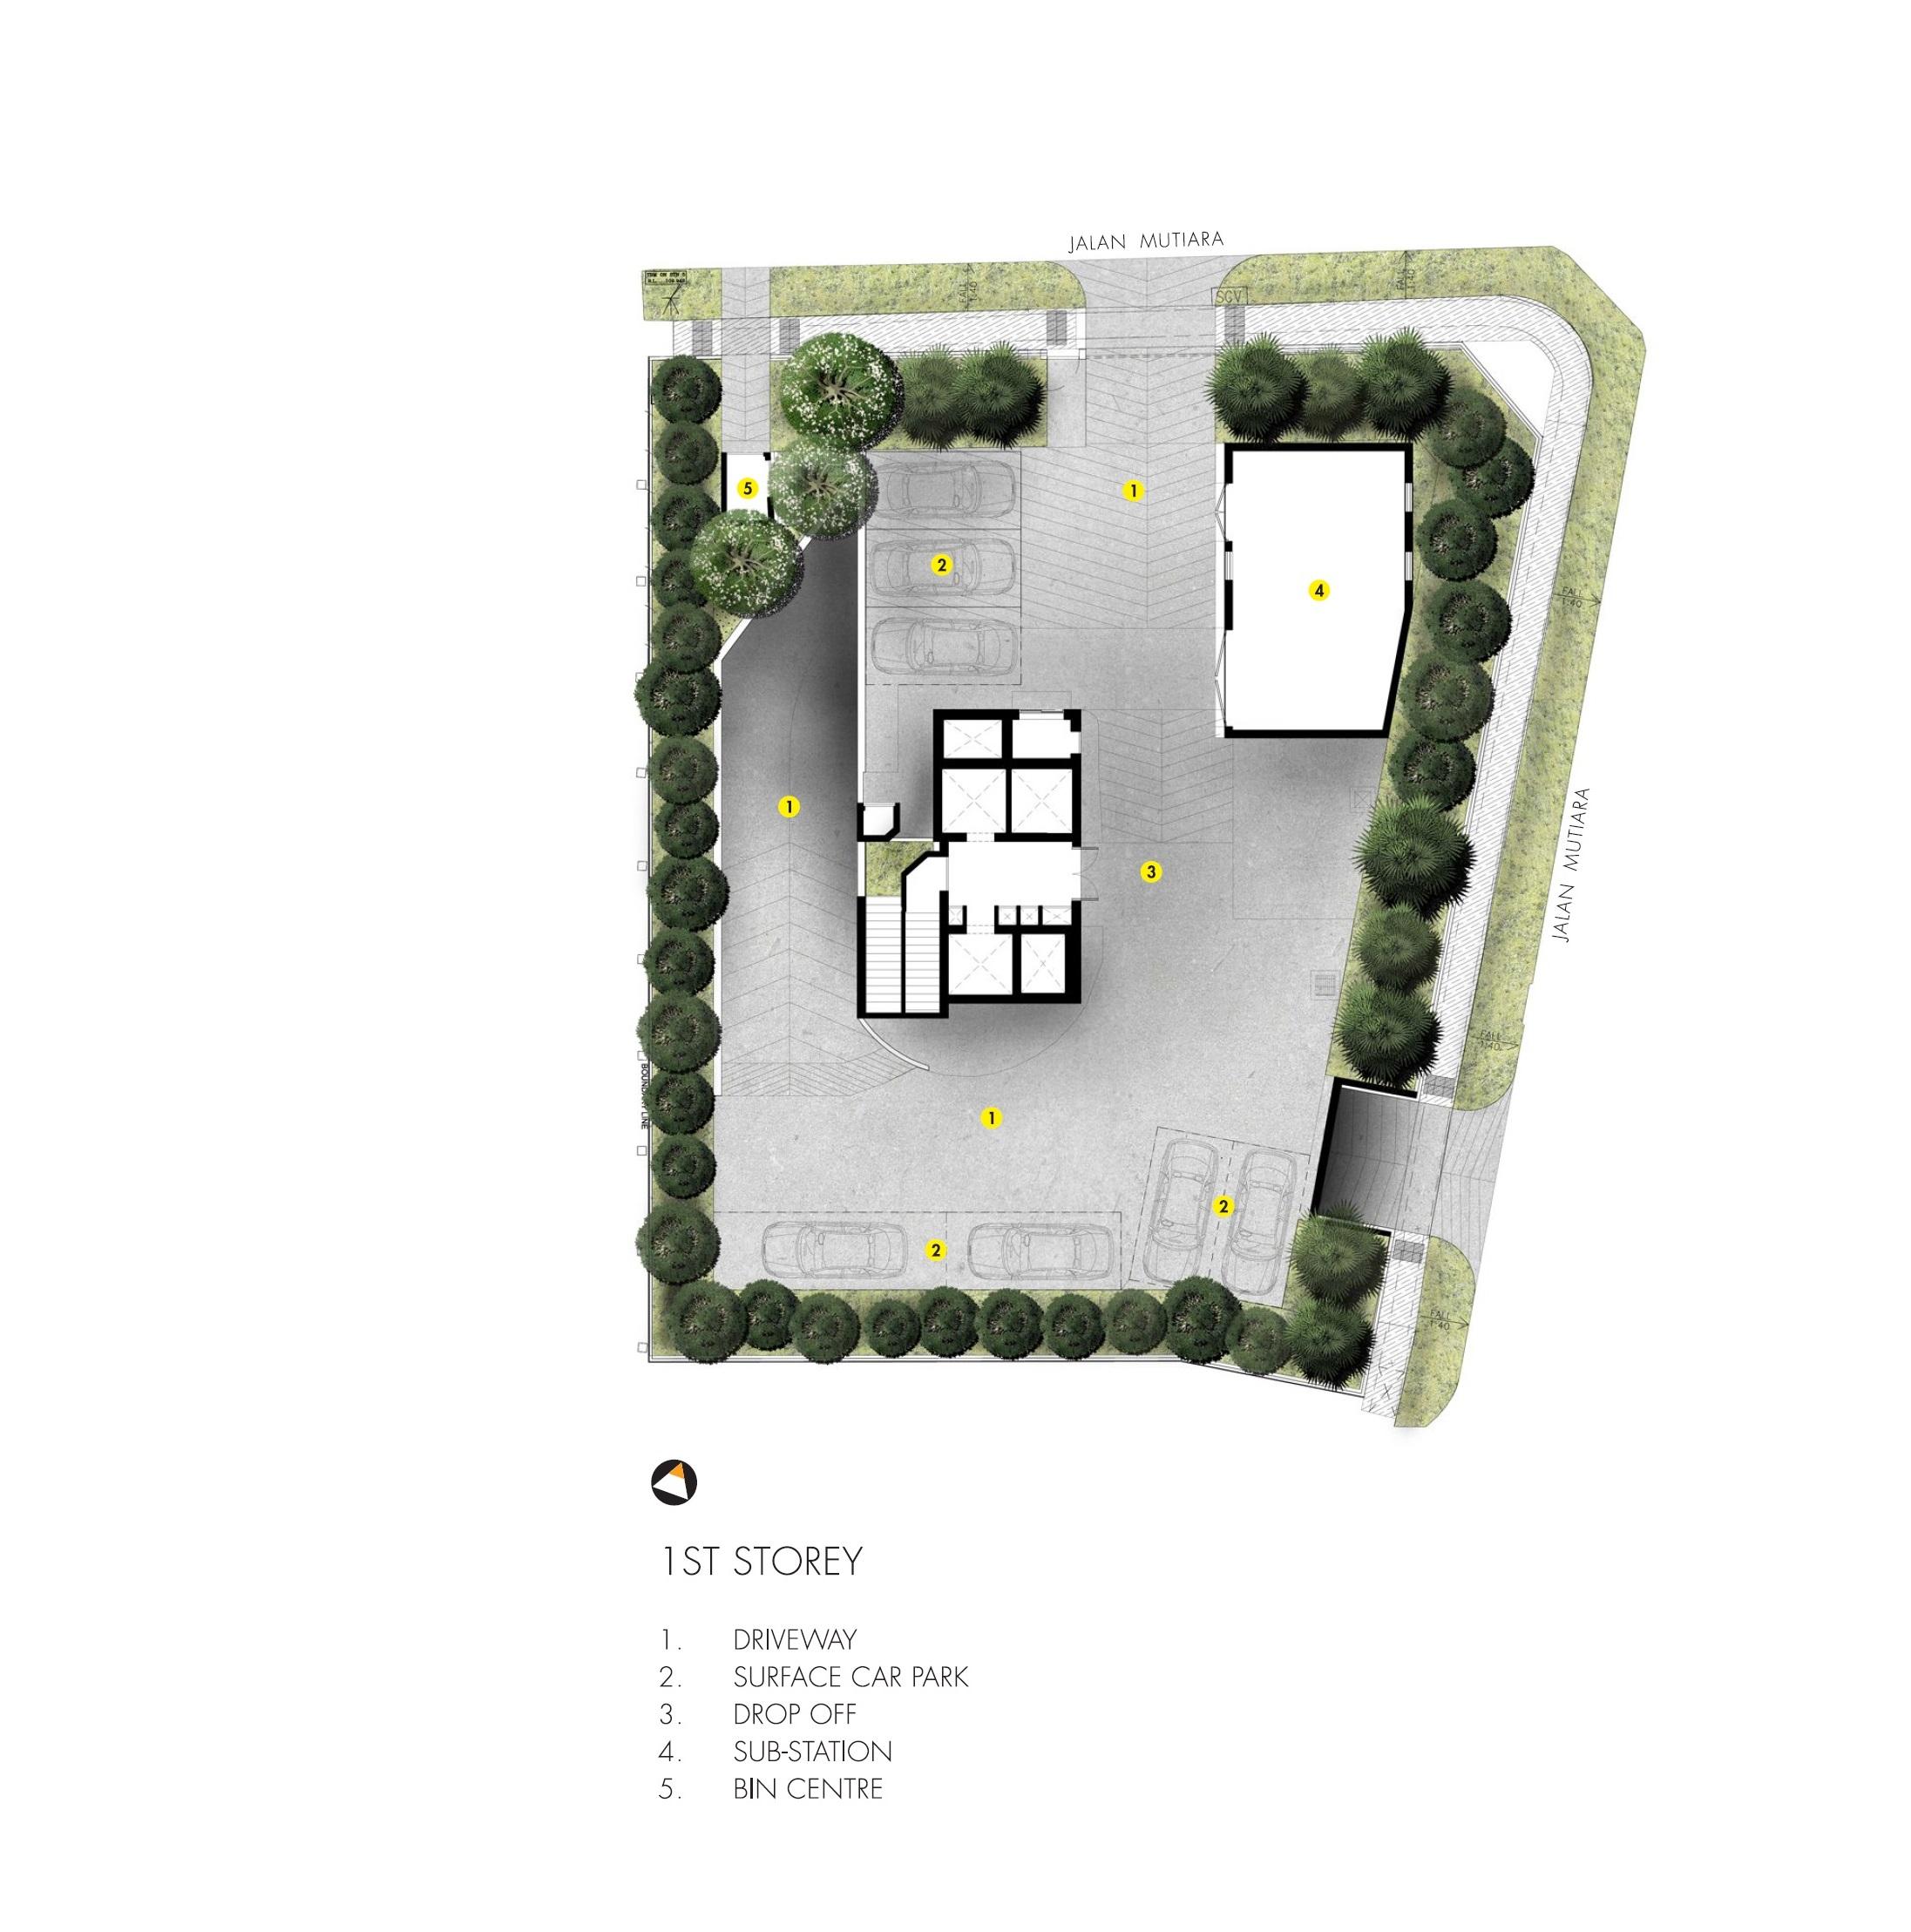 M5 @ Jalan Mutiara site plan